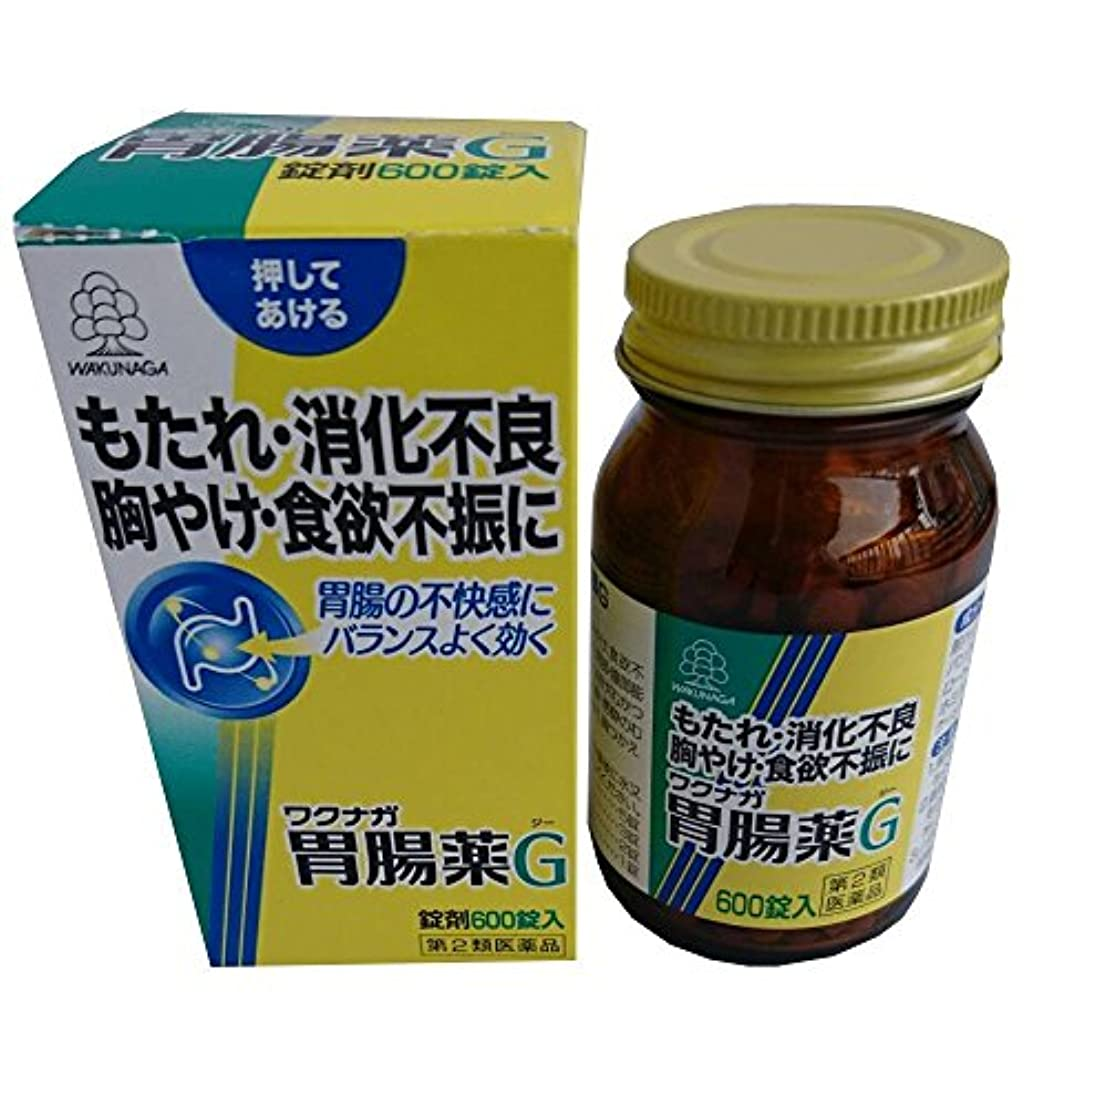 ヨーグルト残りアルバニー【第2類医薬品】ワクナガ 胃腸薬G 600錠 ×2